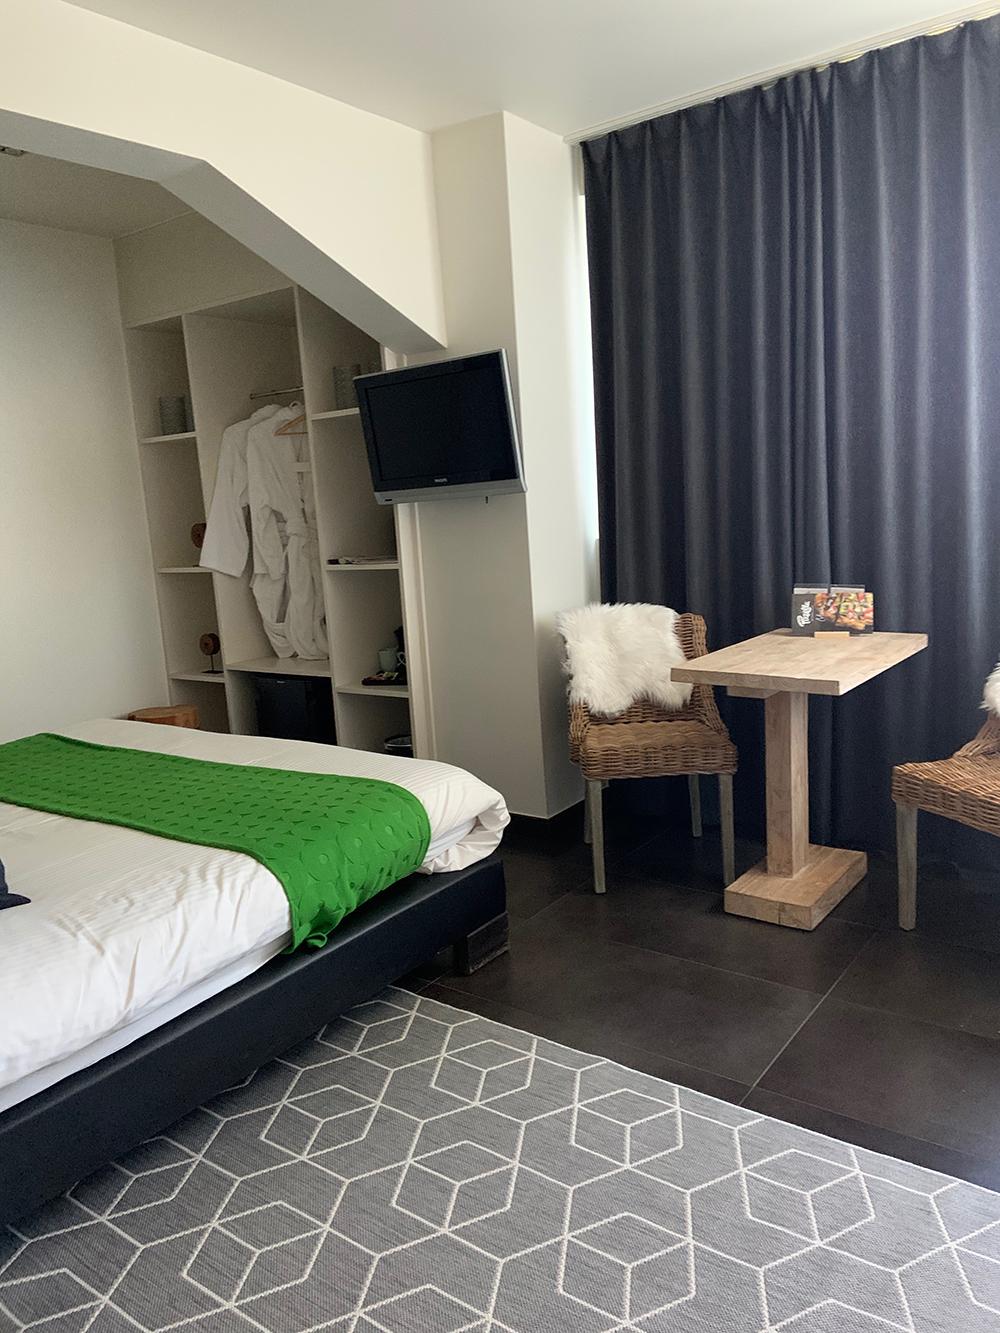 Daghotel in Antwerpen (Lier)